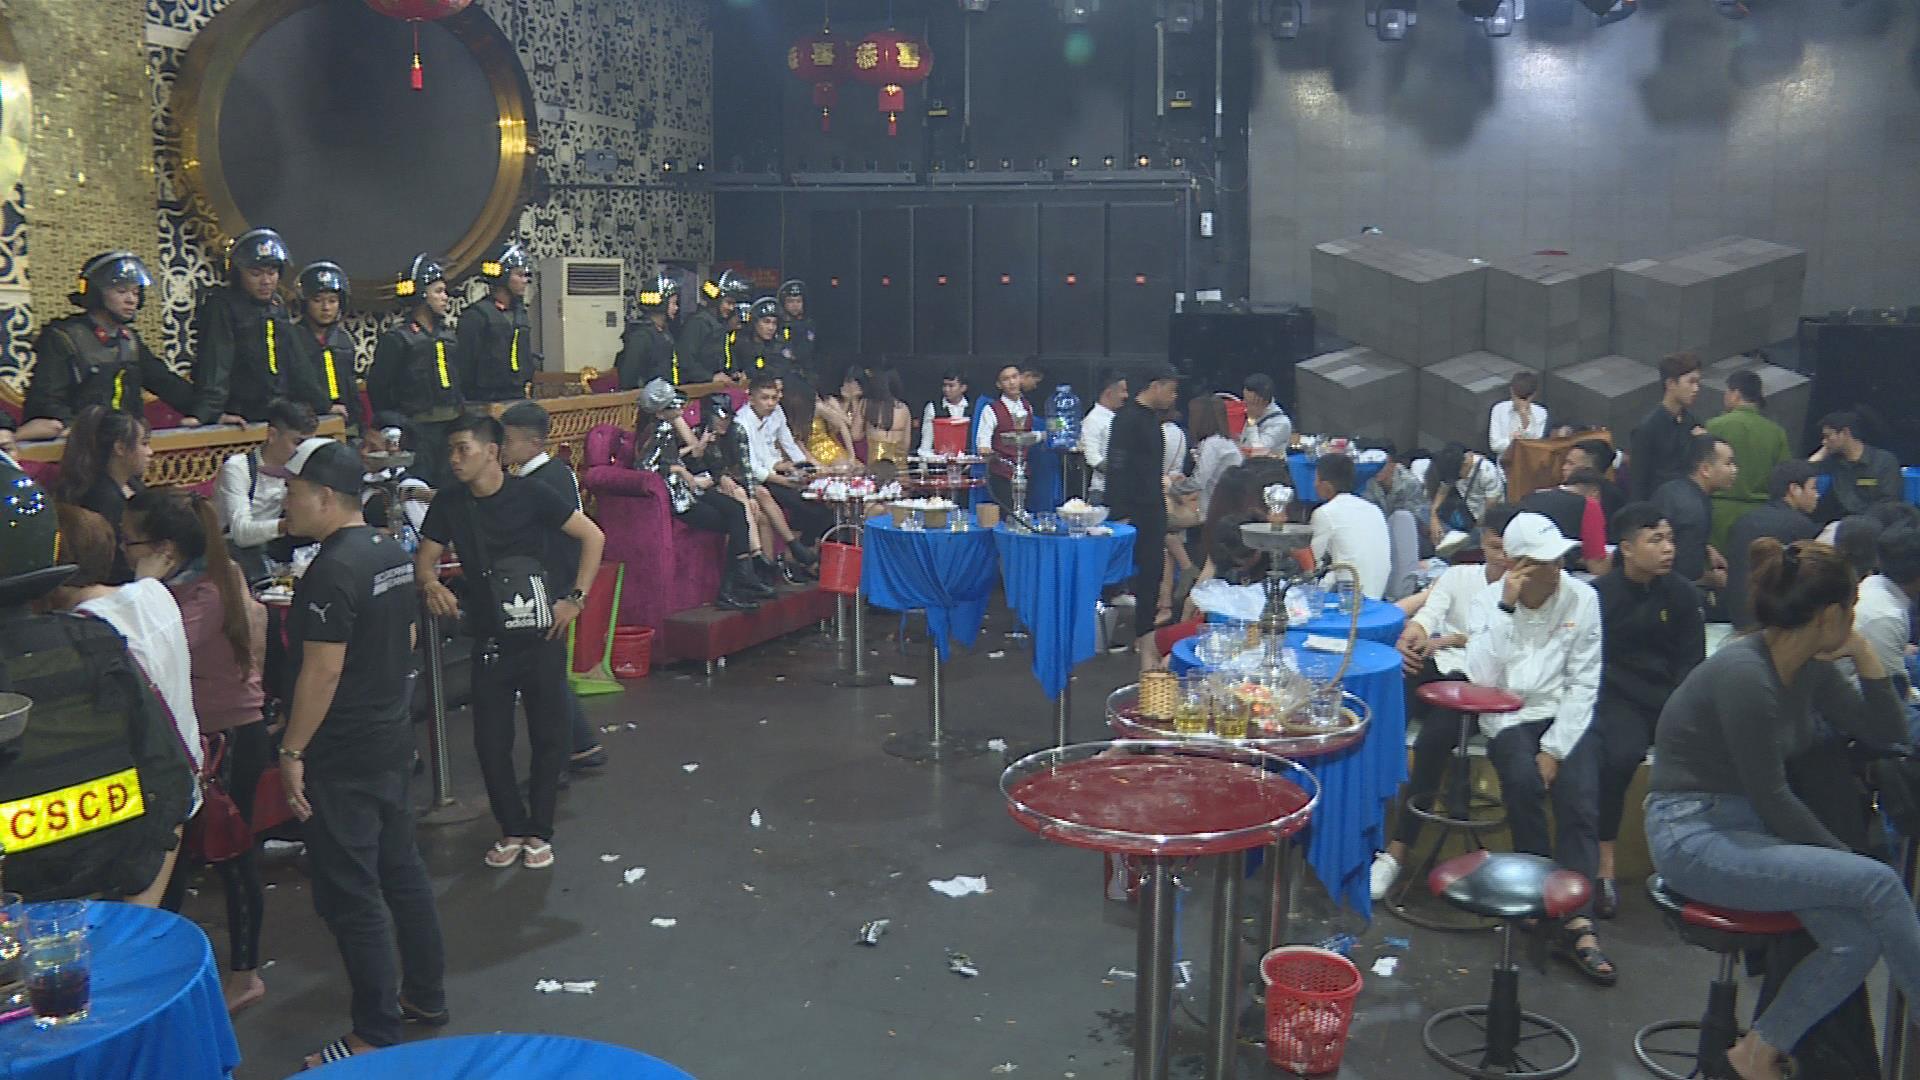 Hàng chục thanh niên dương tính với ma túy bên trong 2 quán bar ở Đắk Lắk - Ảnh 2